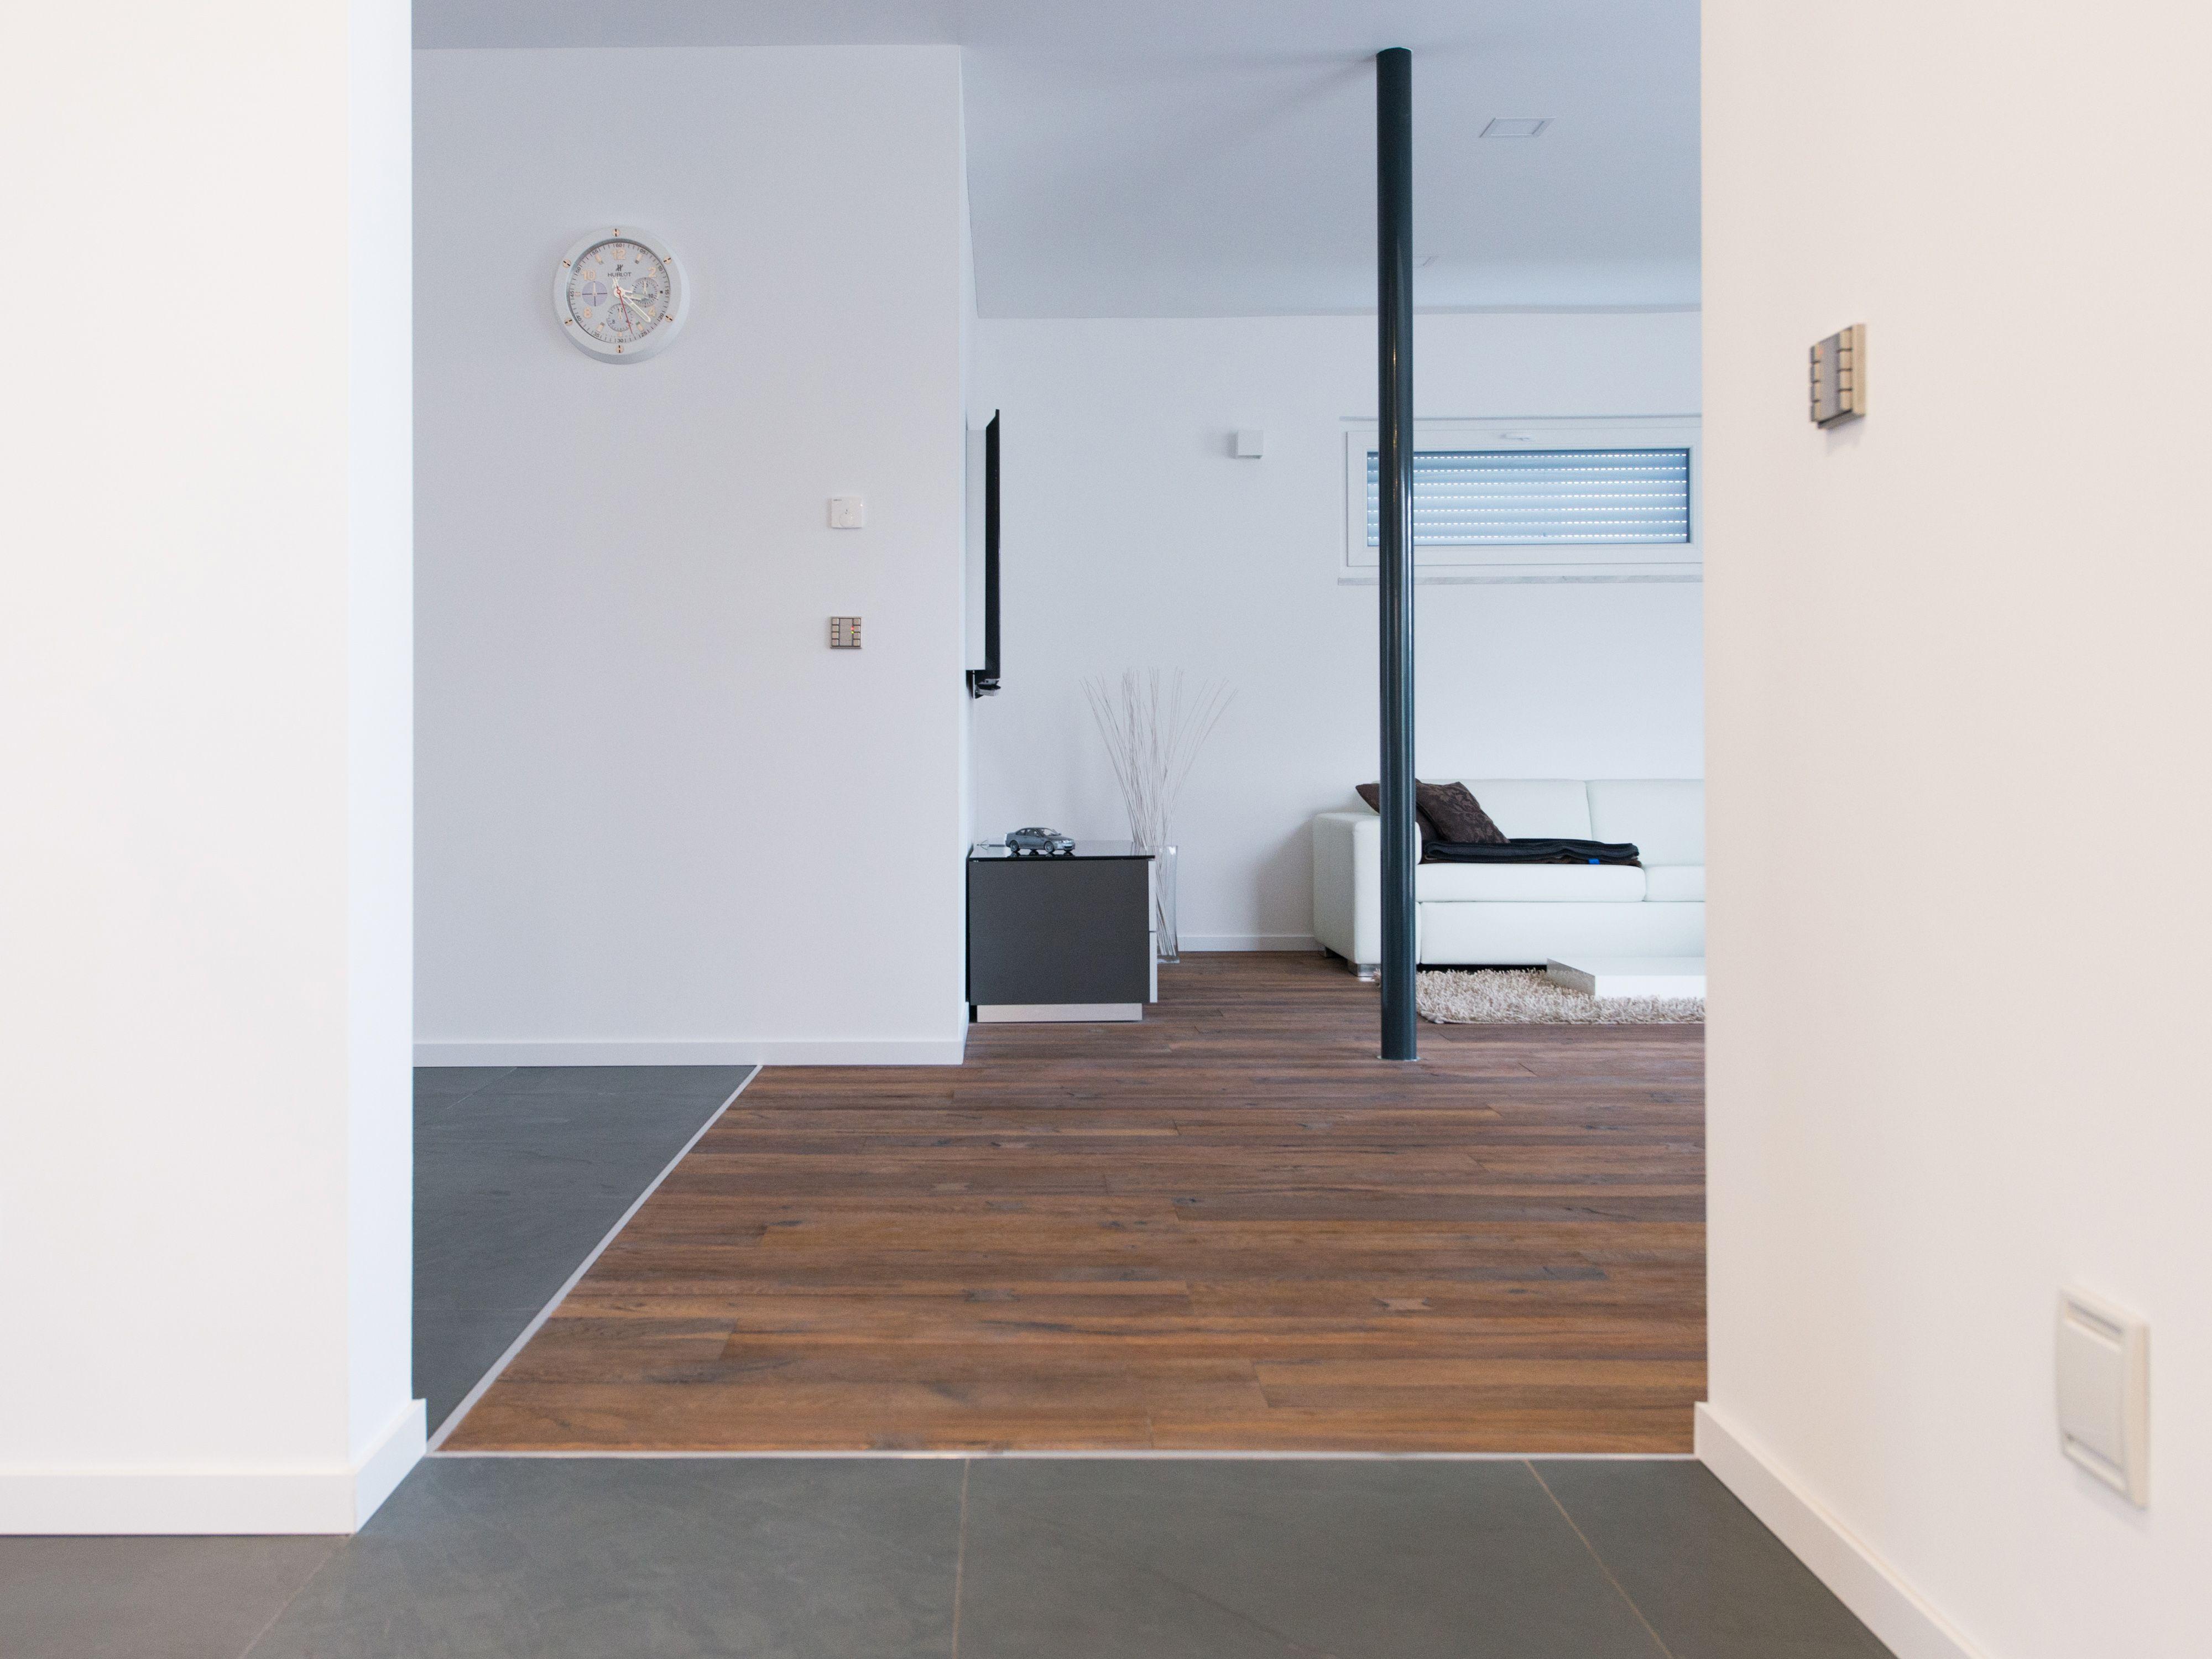 Schiefer Fliesen Grey Slate Schiefer Fliesen Wohnzimmer Boden Schieferfliesen